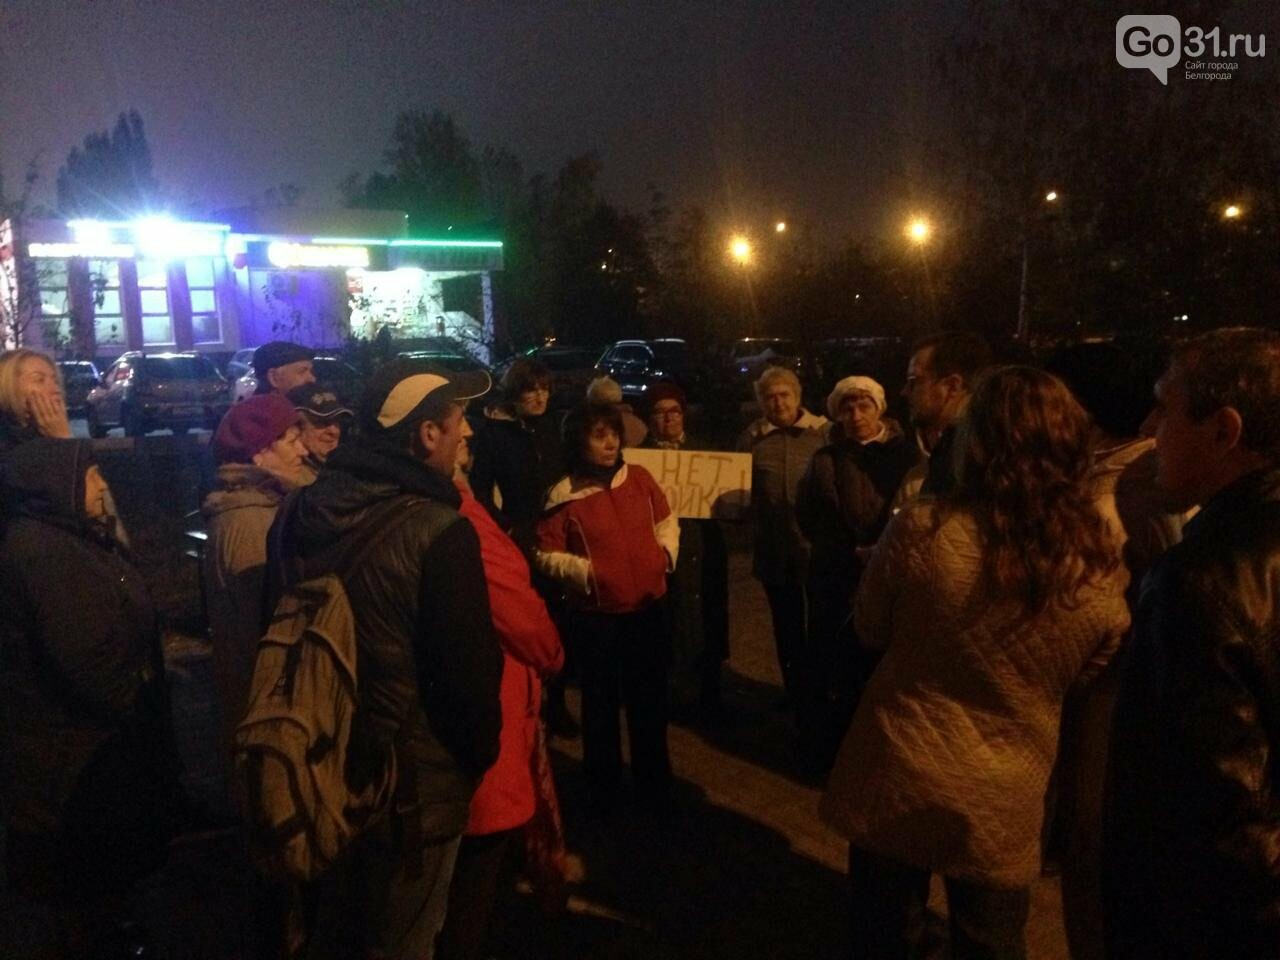 Скверная история по-белгородски. Борьба за место отдыха возобновилась, фото-2